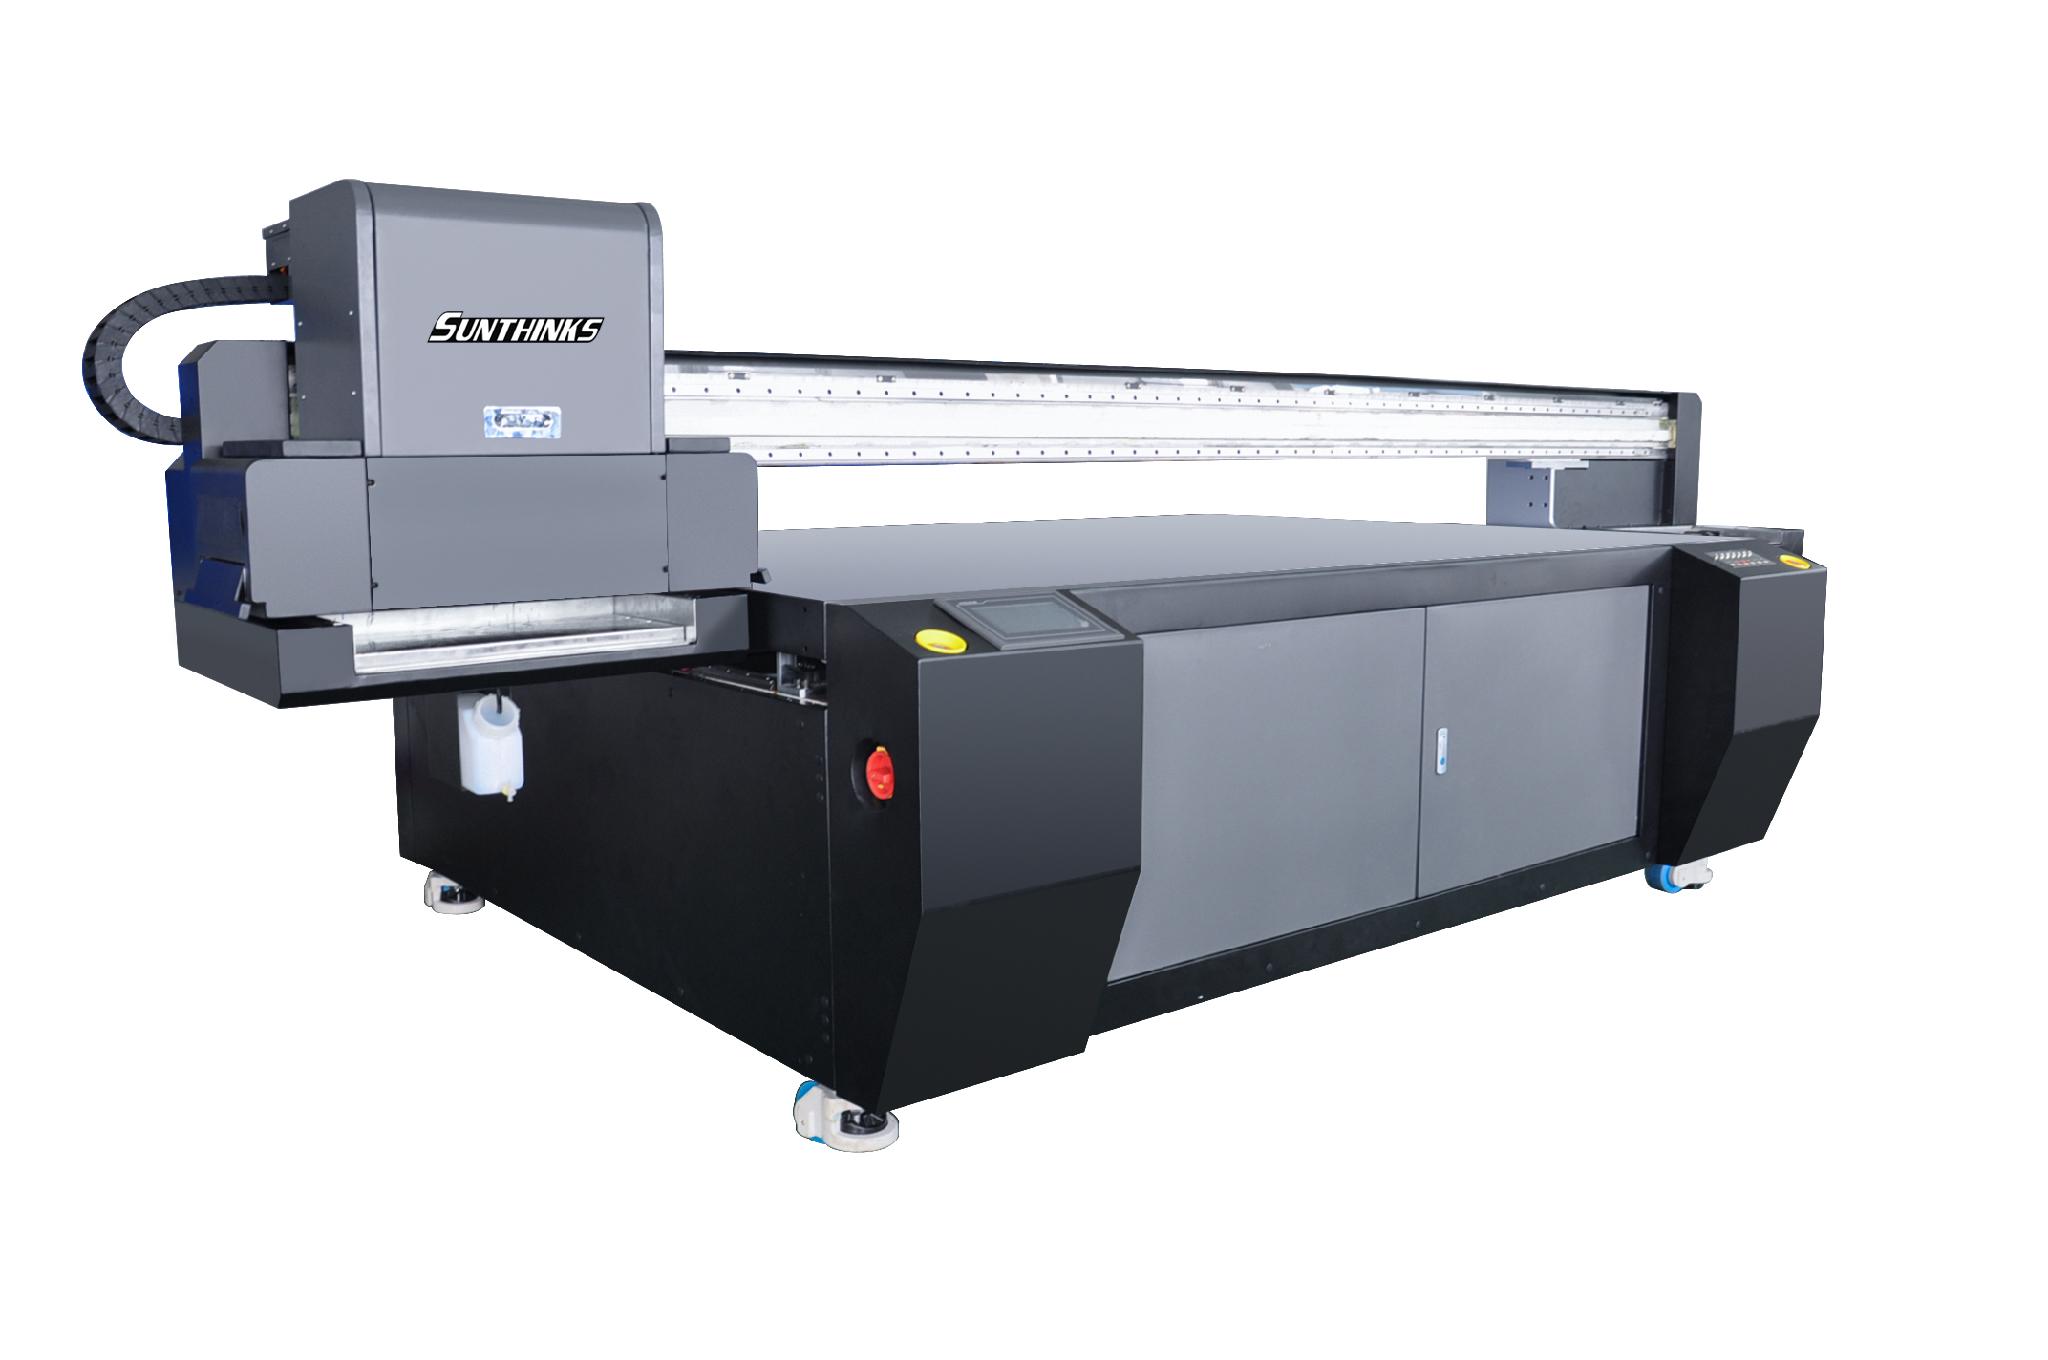 GH2220 平板打印機 10